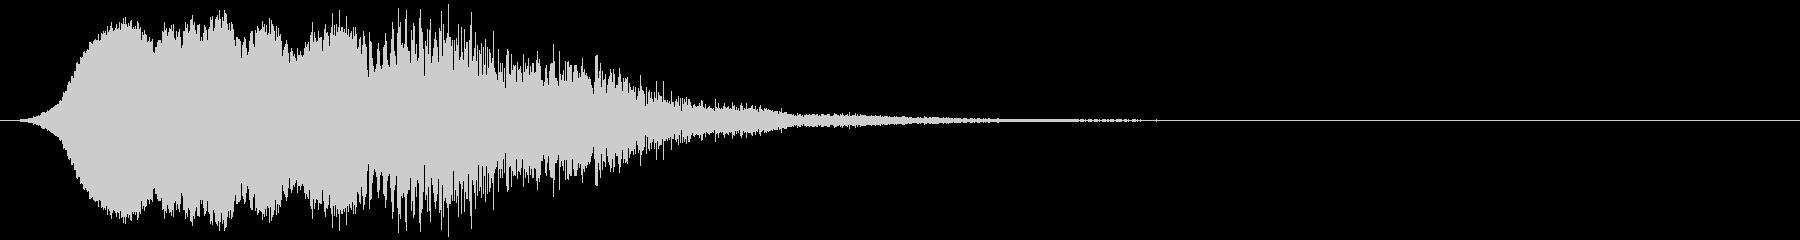 【ホラー】SFX_15 不安がよぎるの未再生の波形